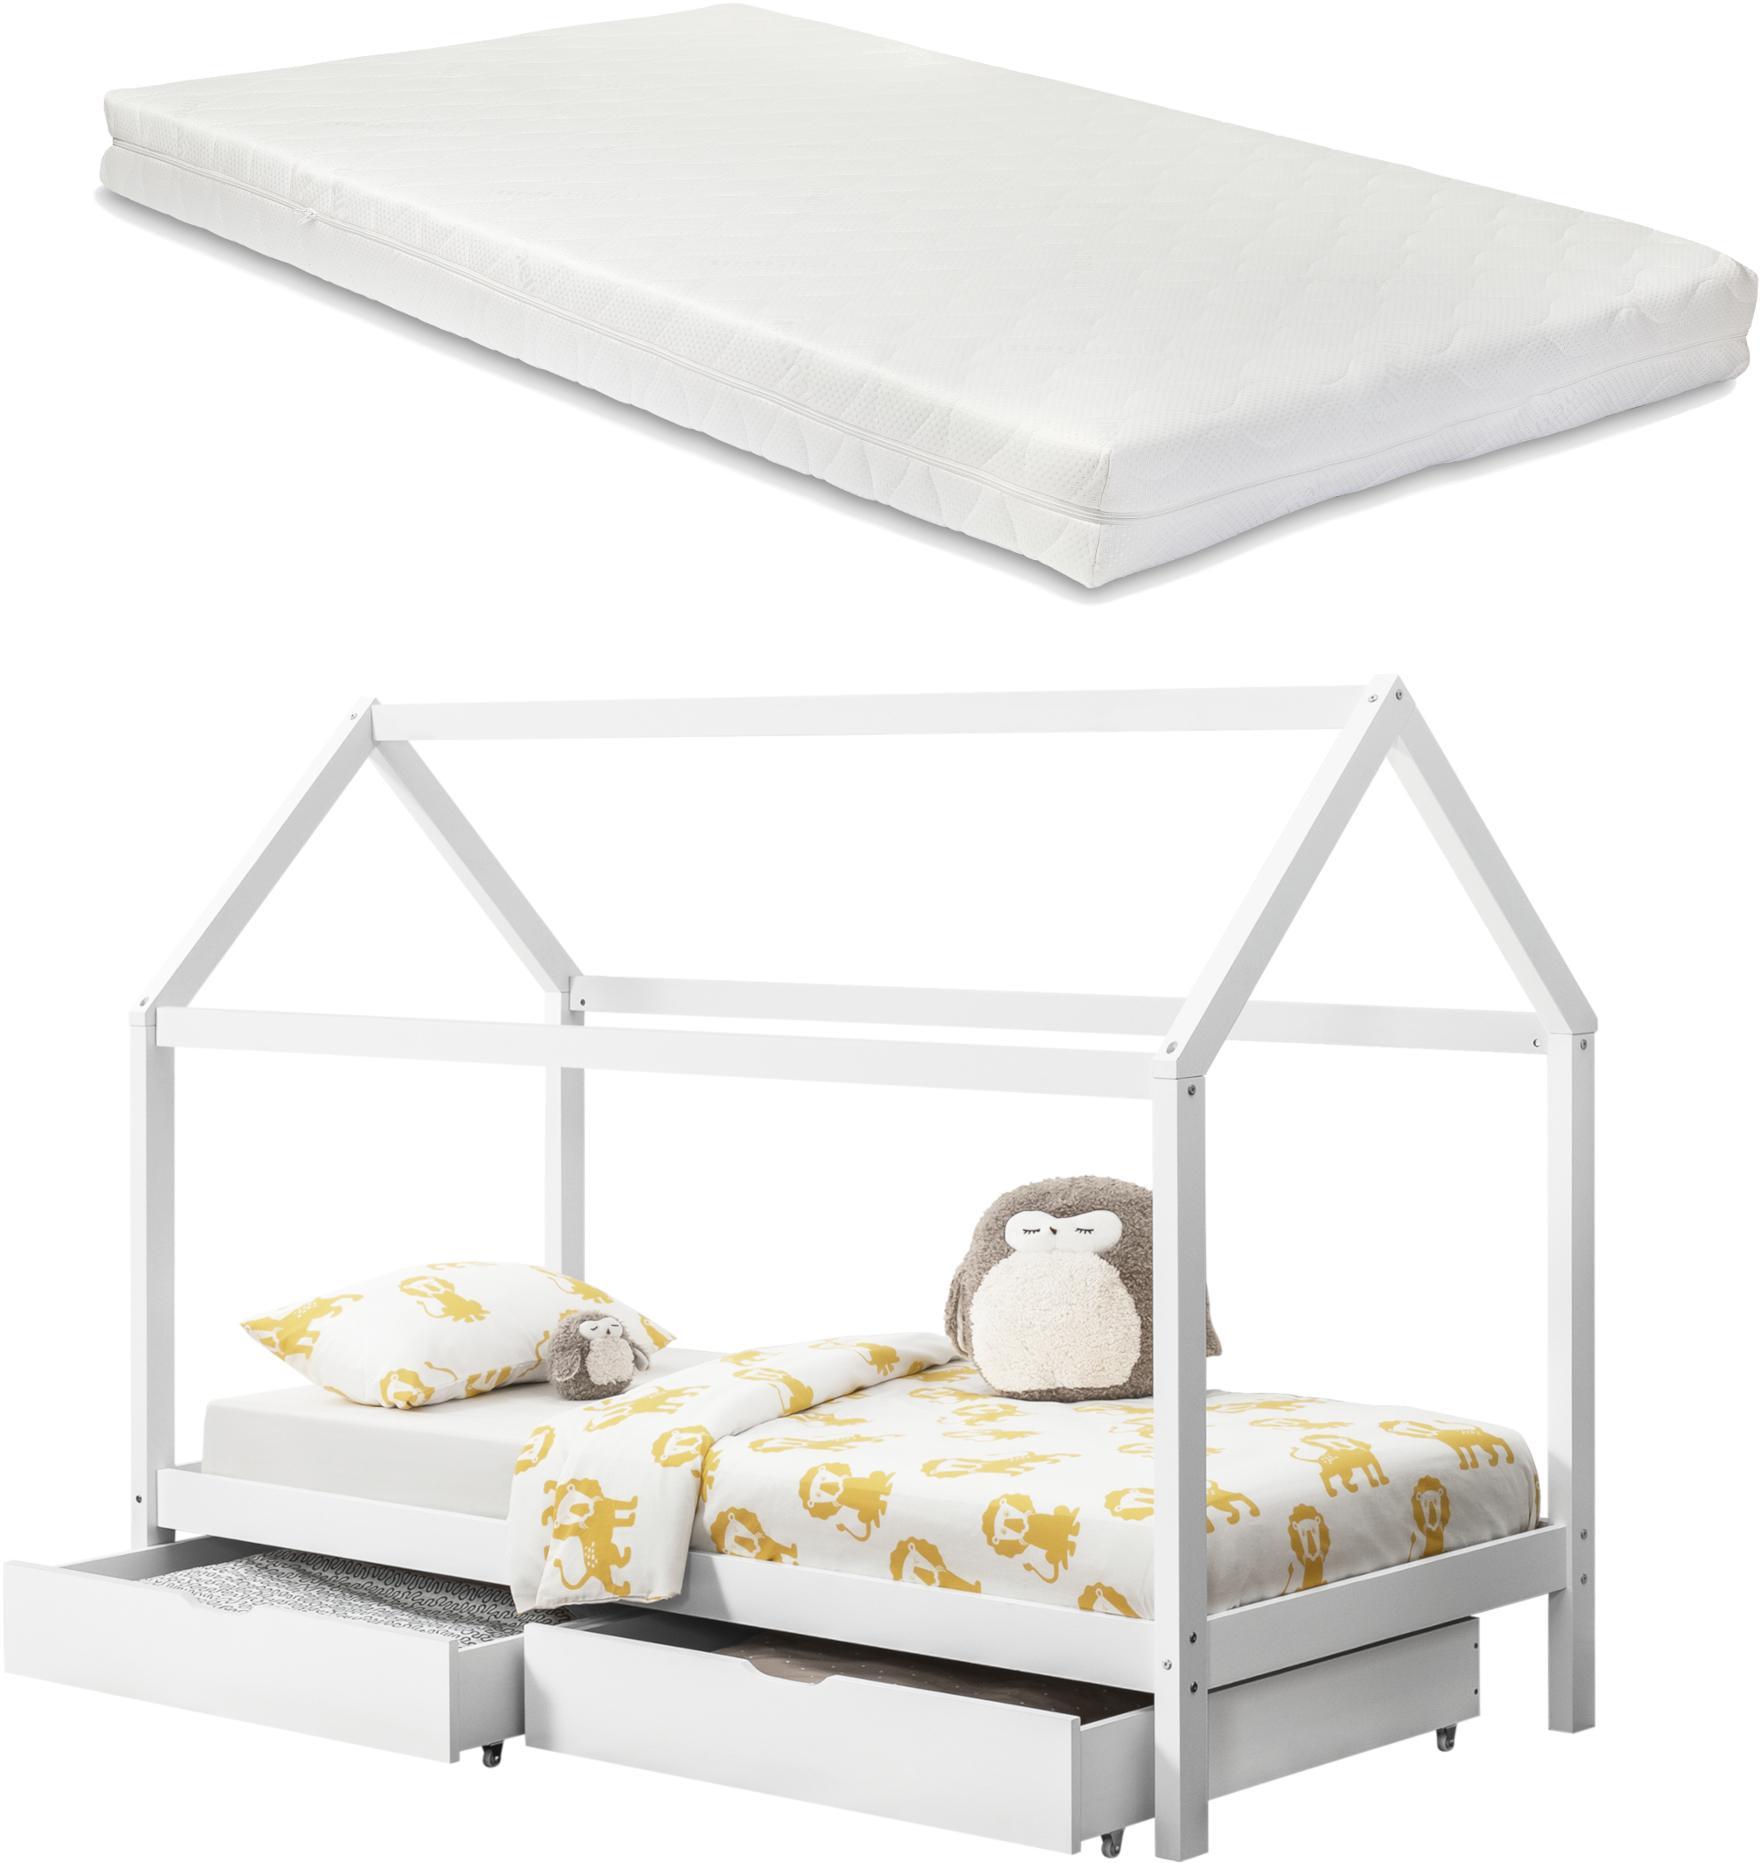 [en.casa] Detská posteľ AAKB-8688 s matracom a roštom